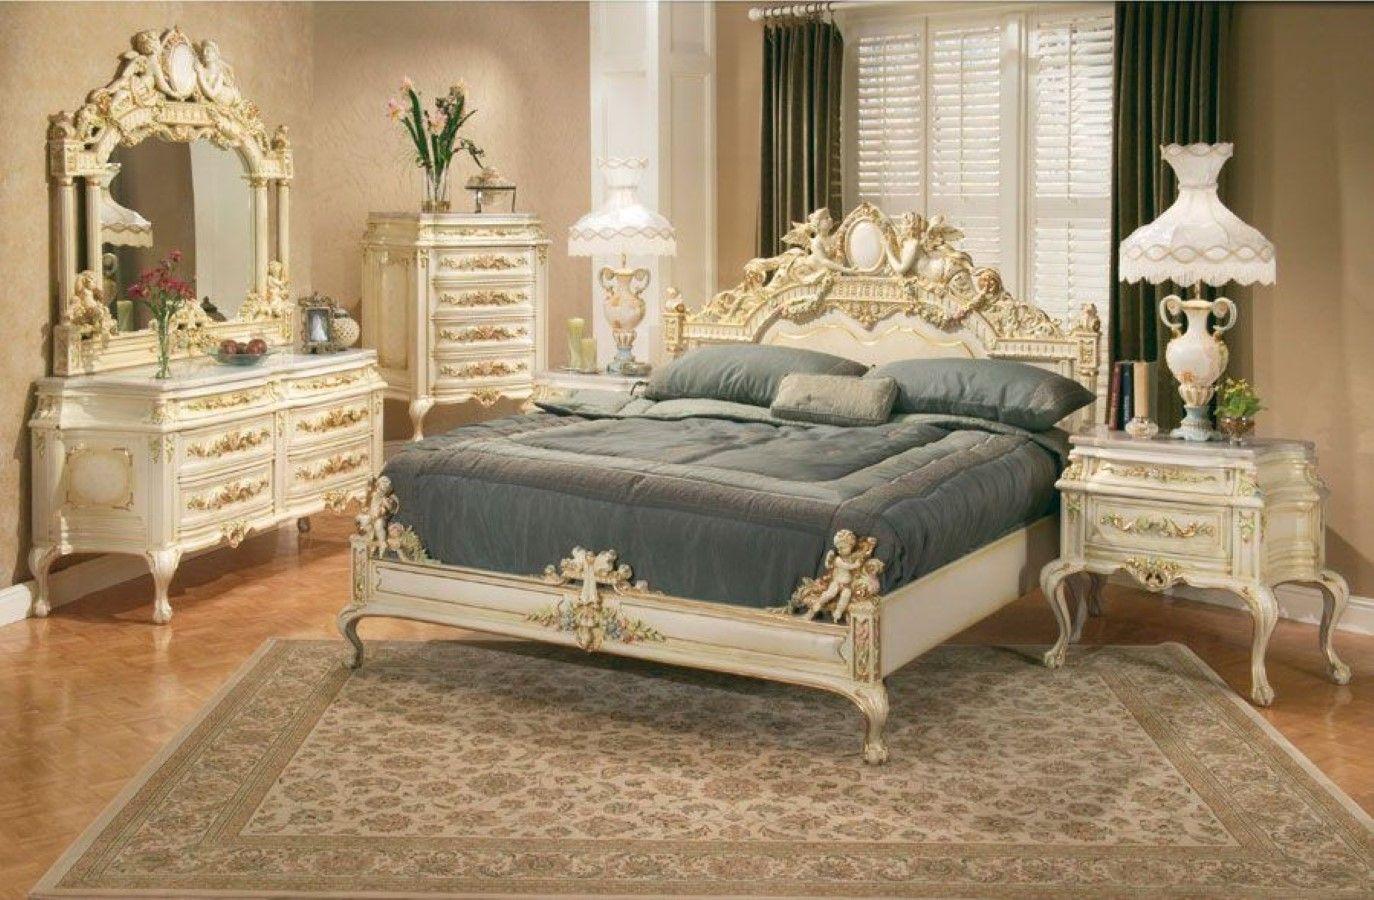 Luxury white carving furniture set design idea plus persian carpet